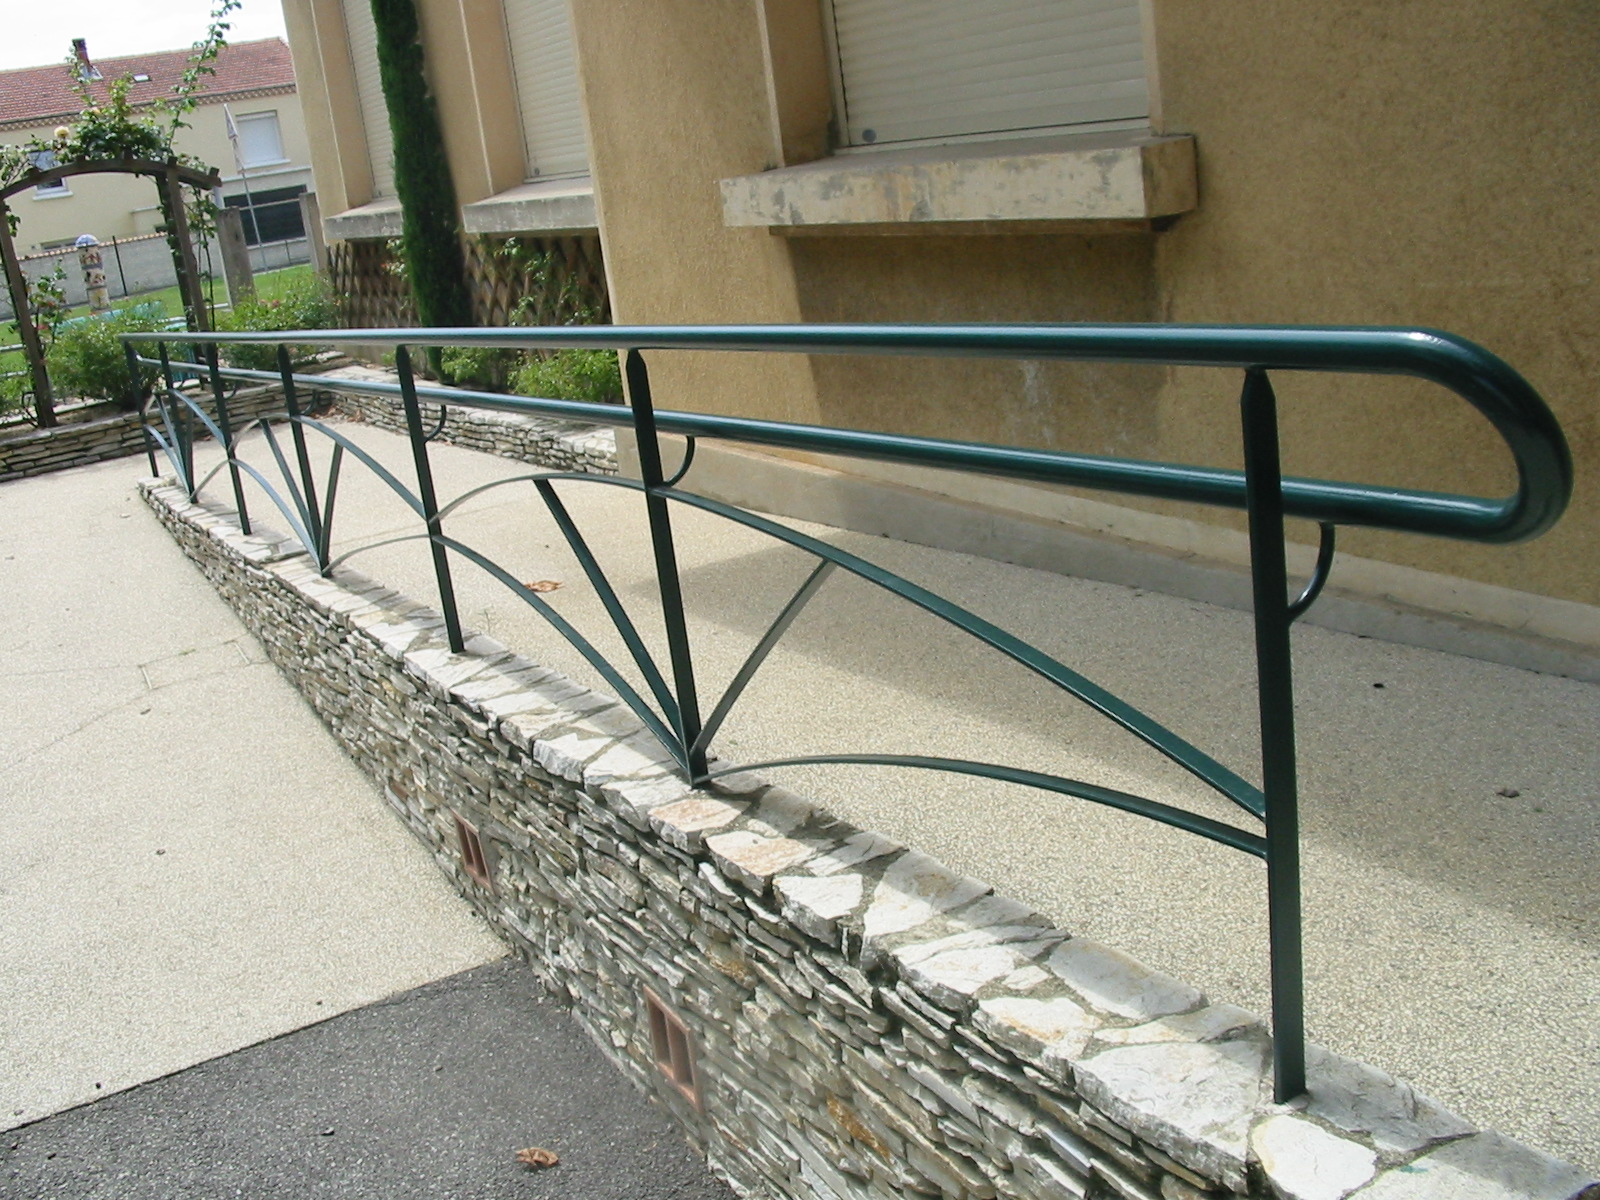 Mobilier urbain, rampe